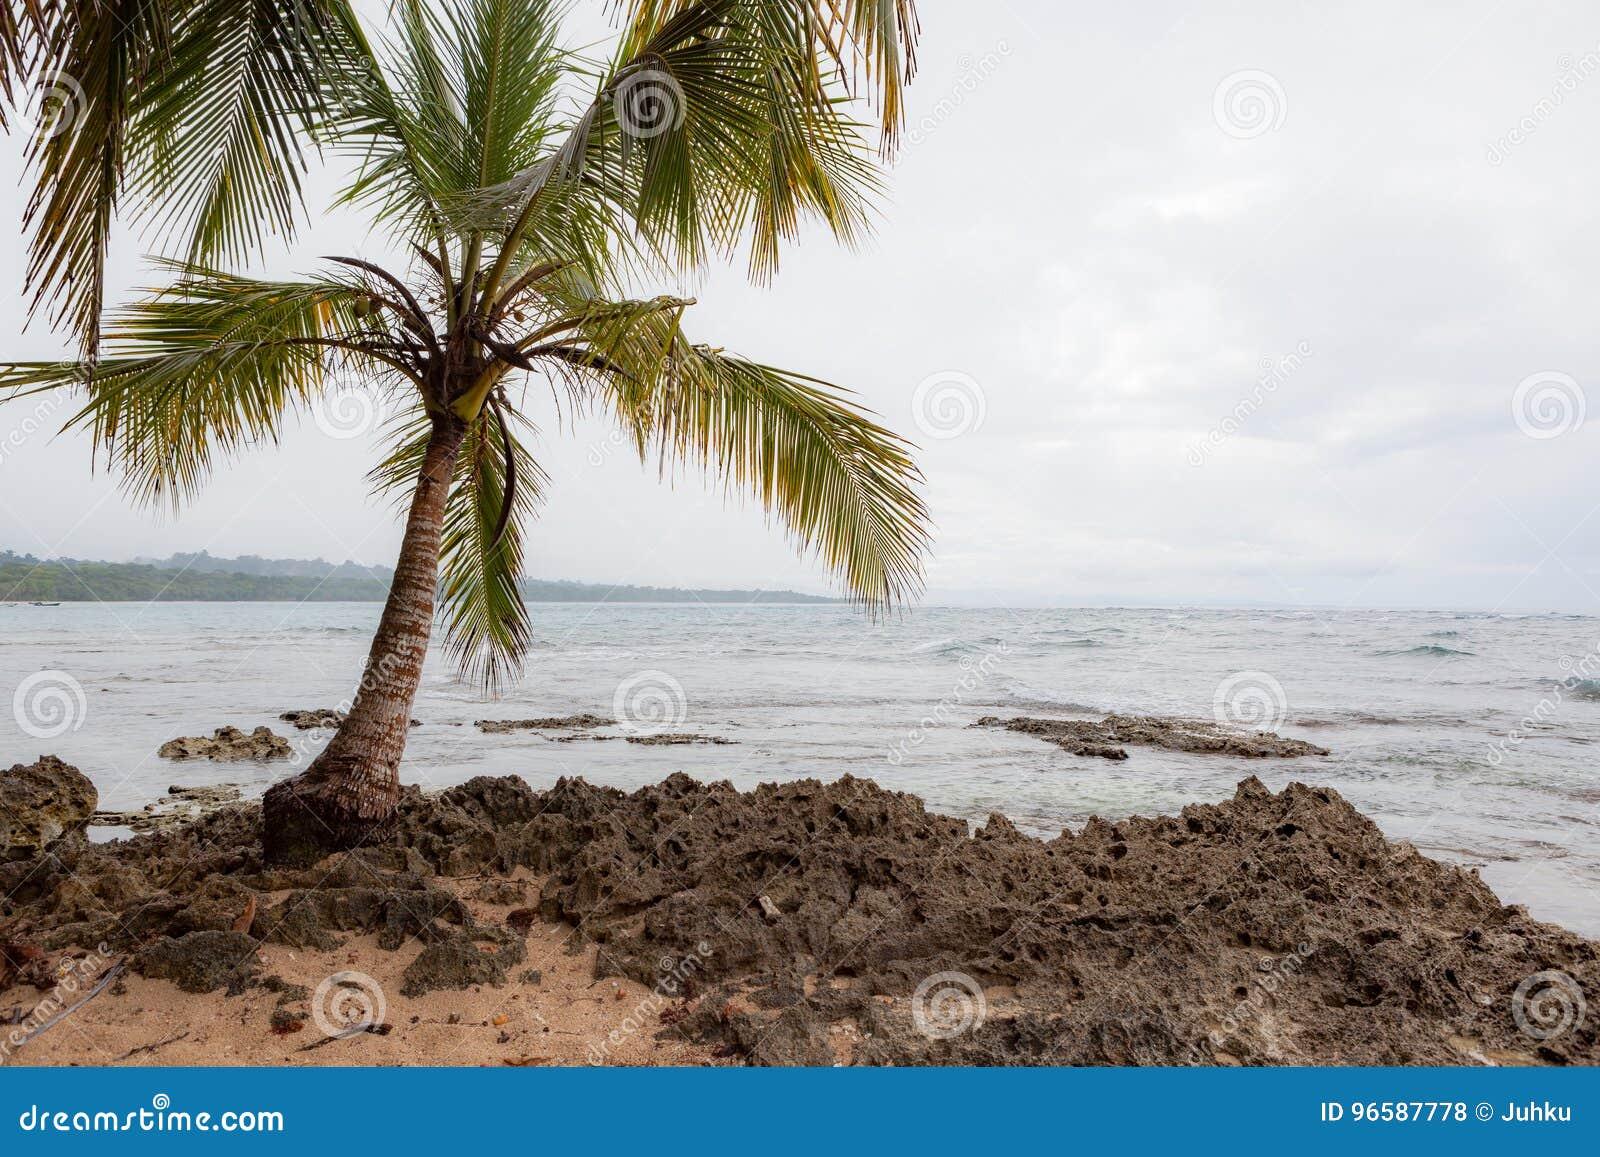 Mały drzewko palmowe w skalistej plaży